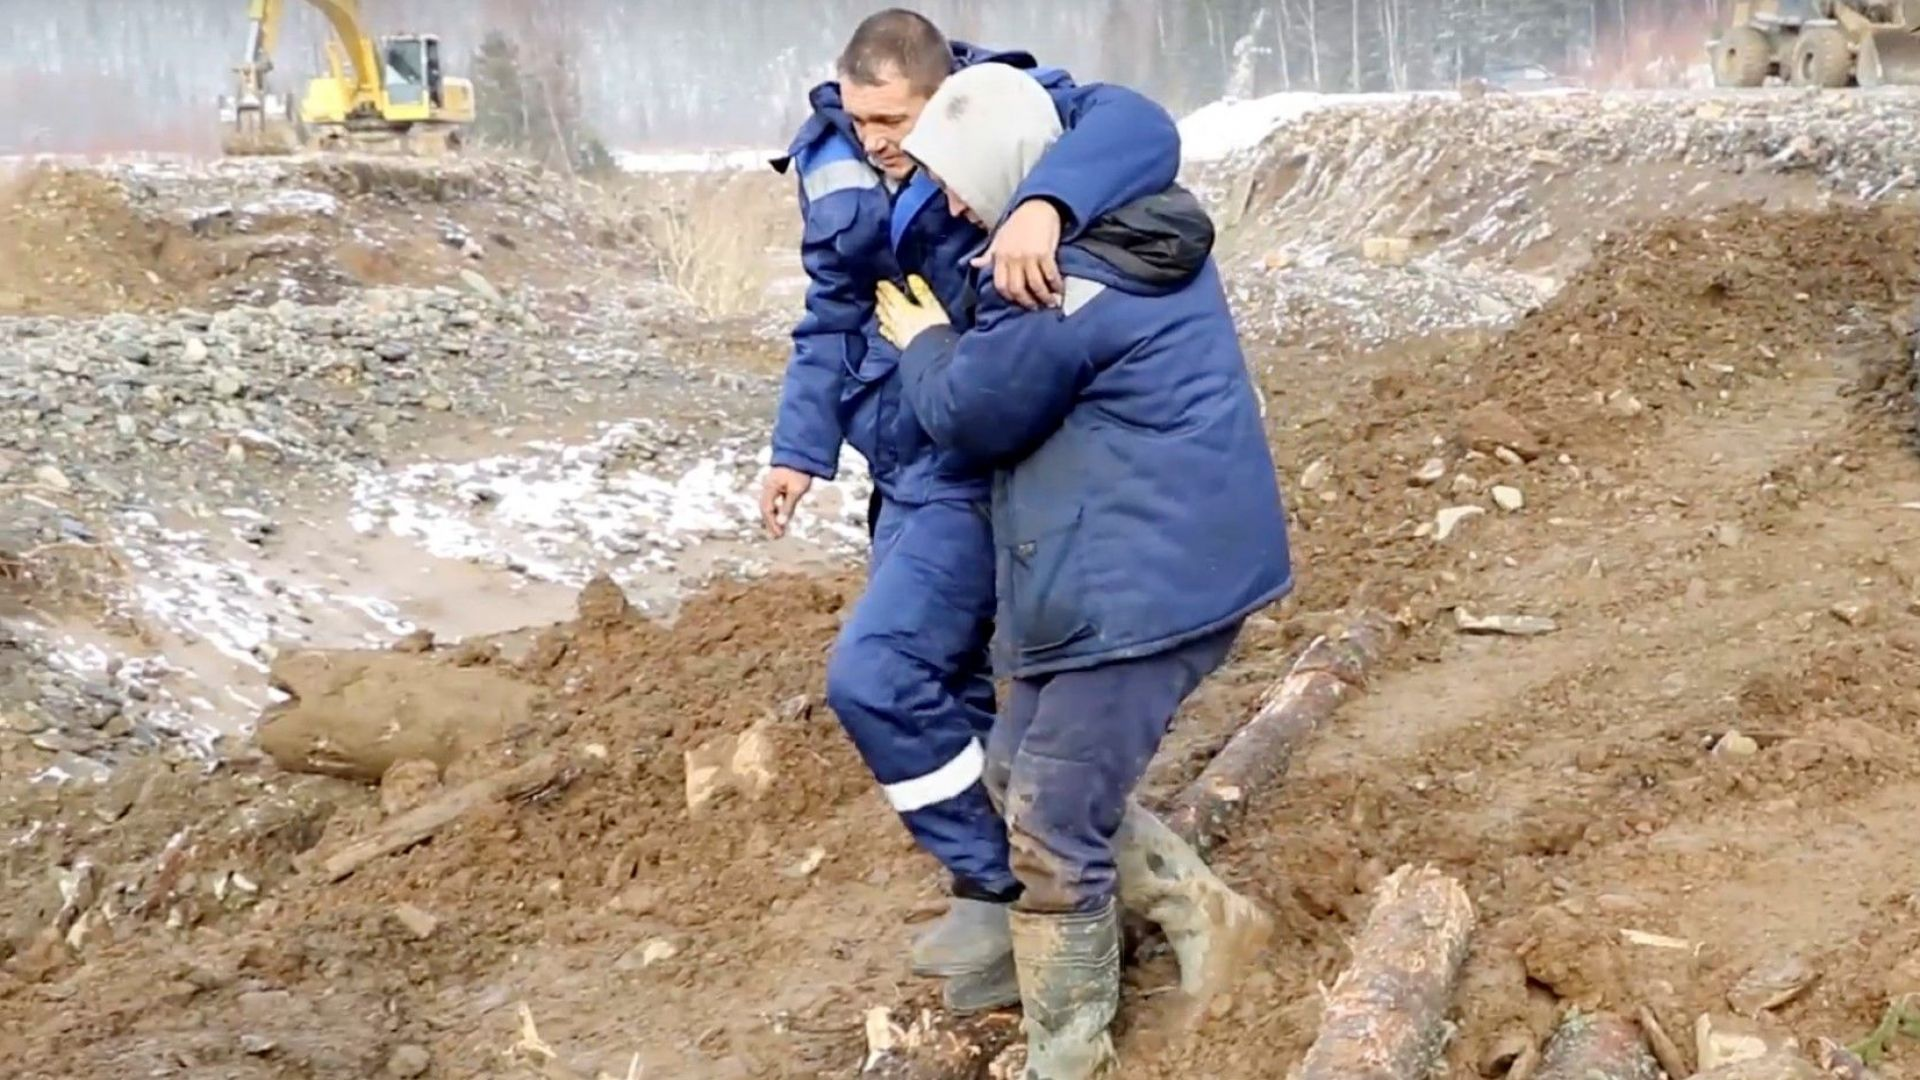 Трима високопоставени служители на компанията, добиваща злато в мината в